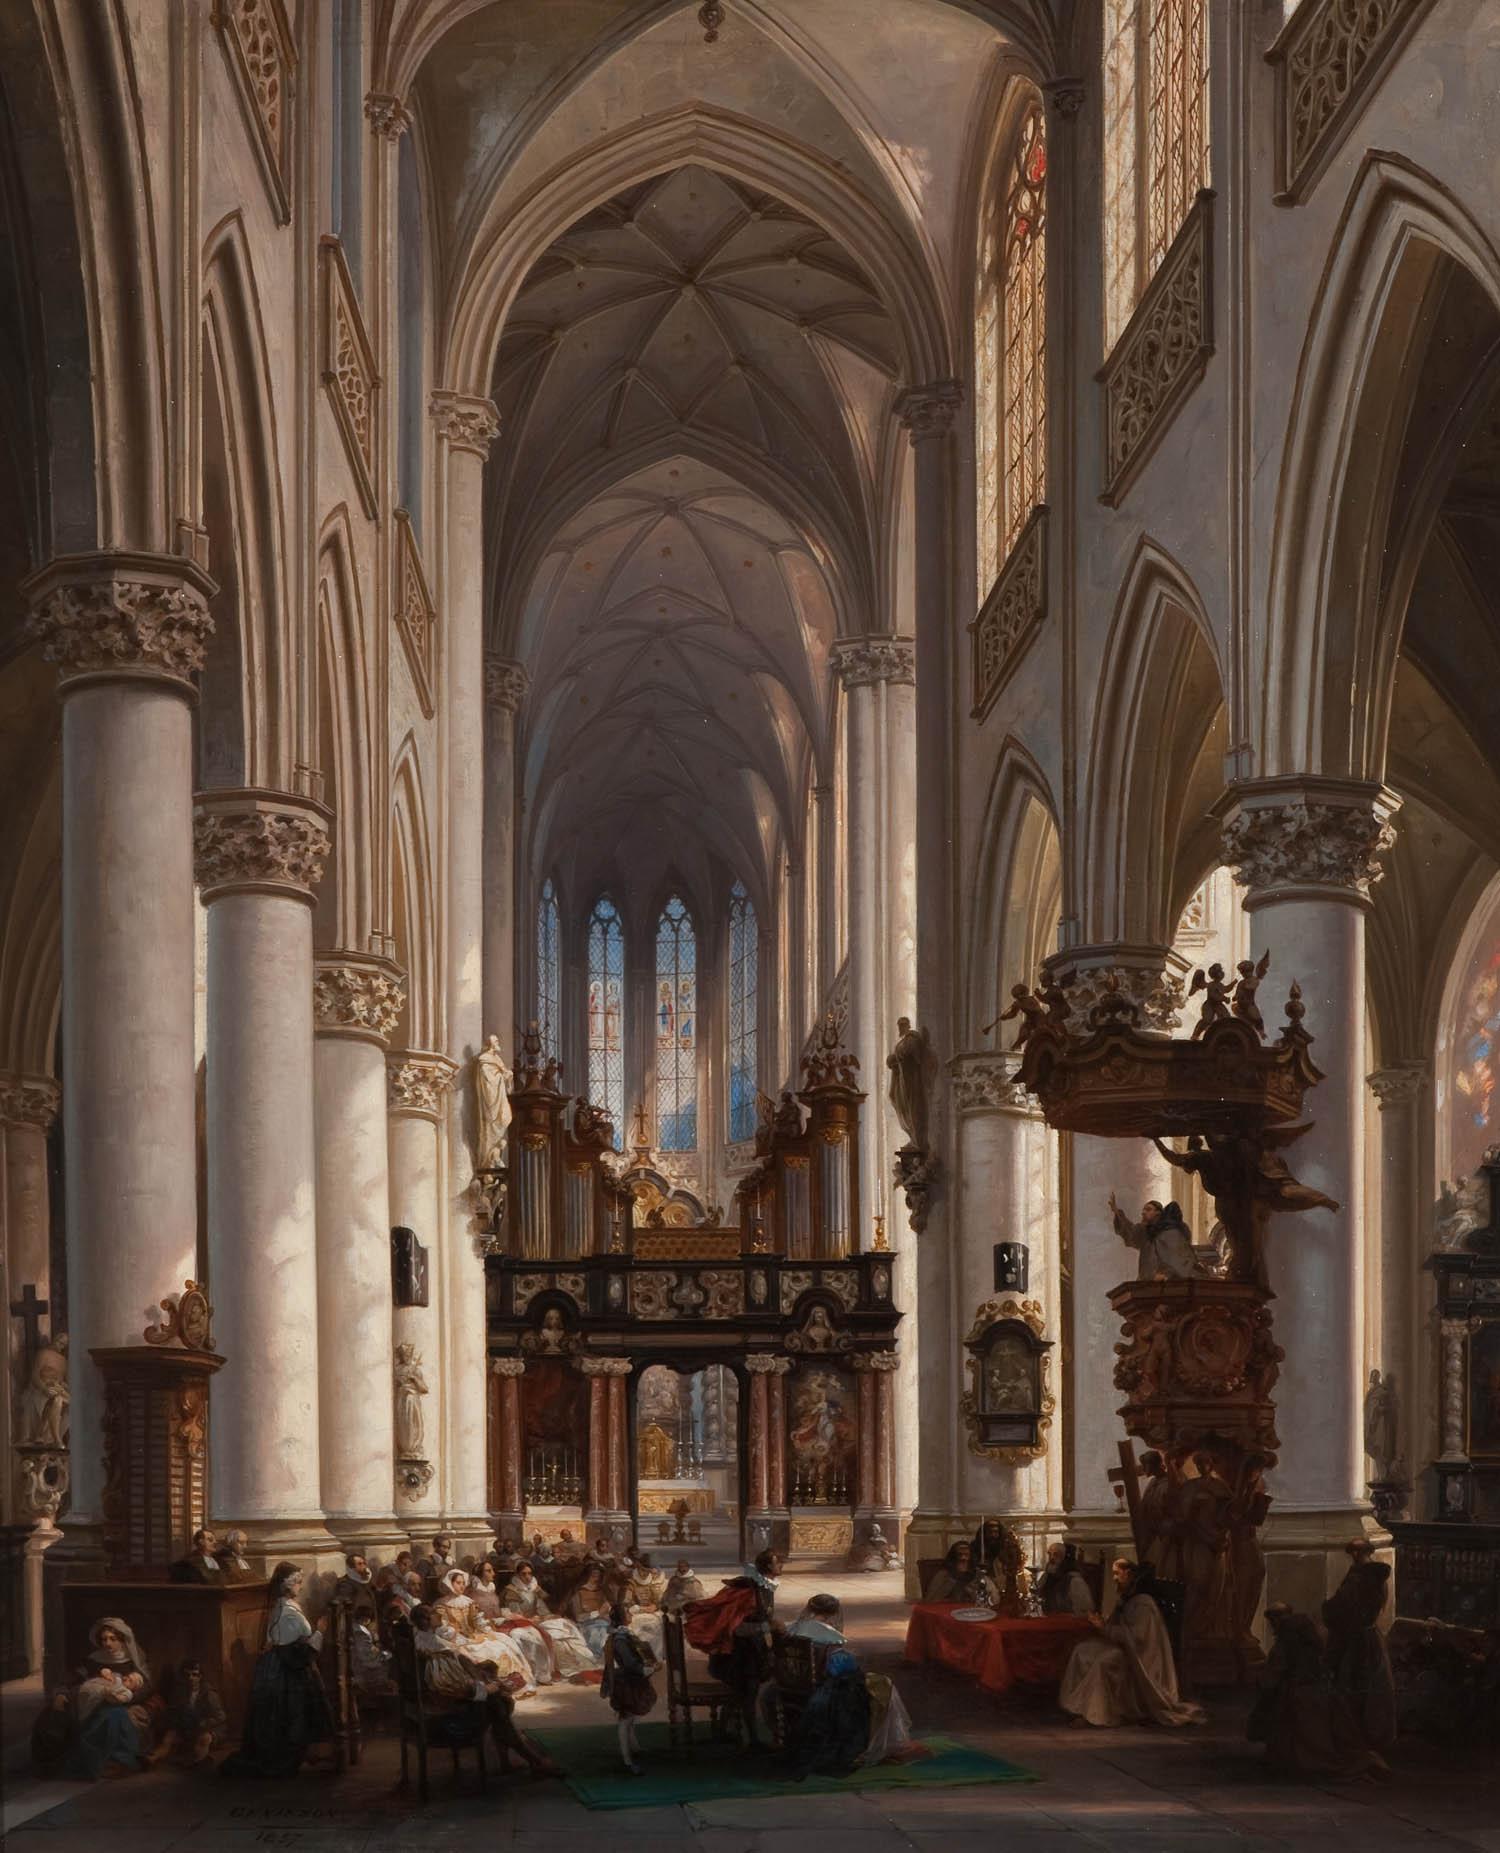 interieur kerk antwerpen 1857 het geheugen van